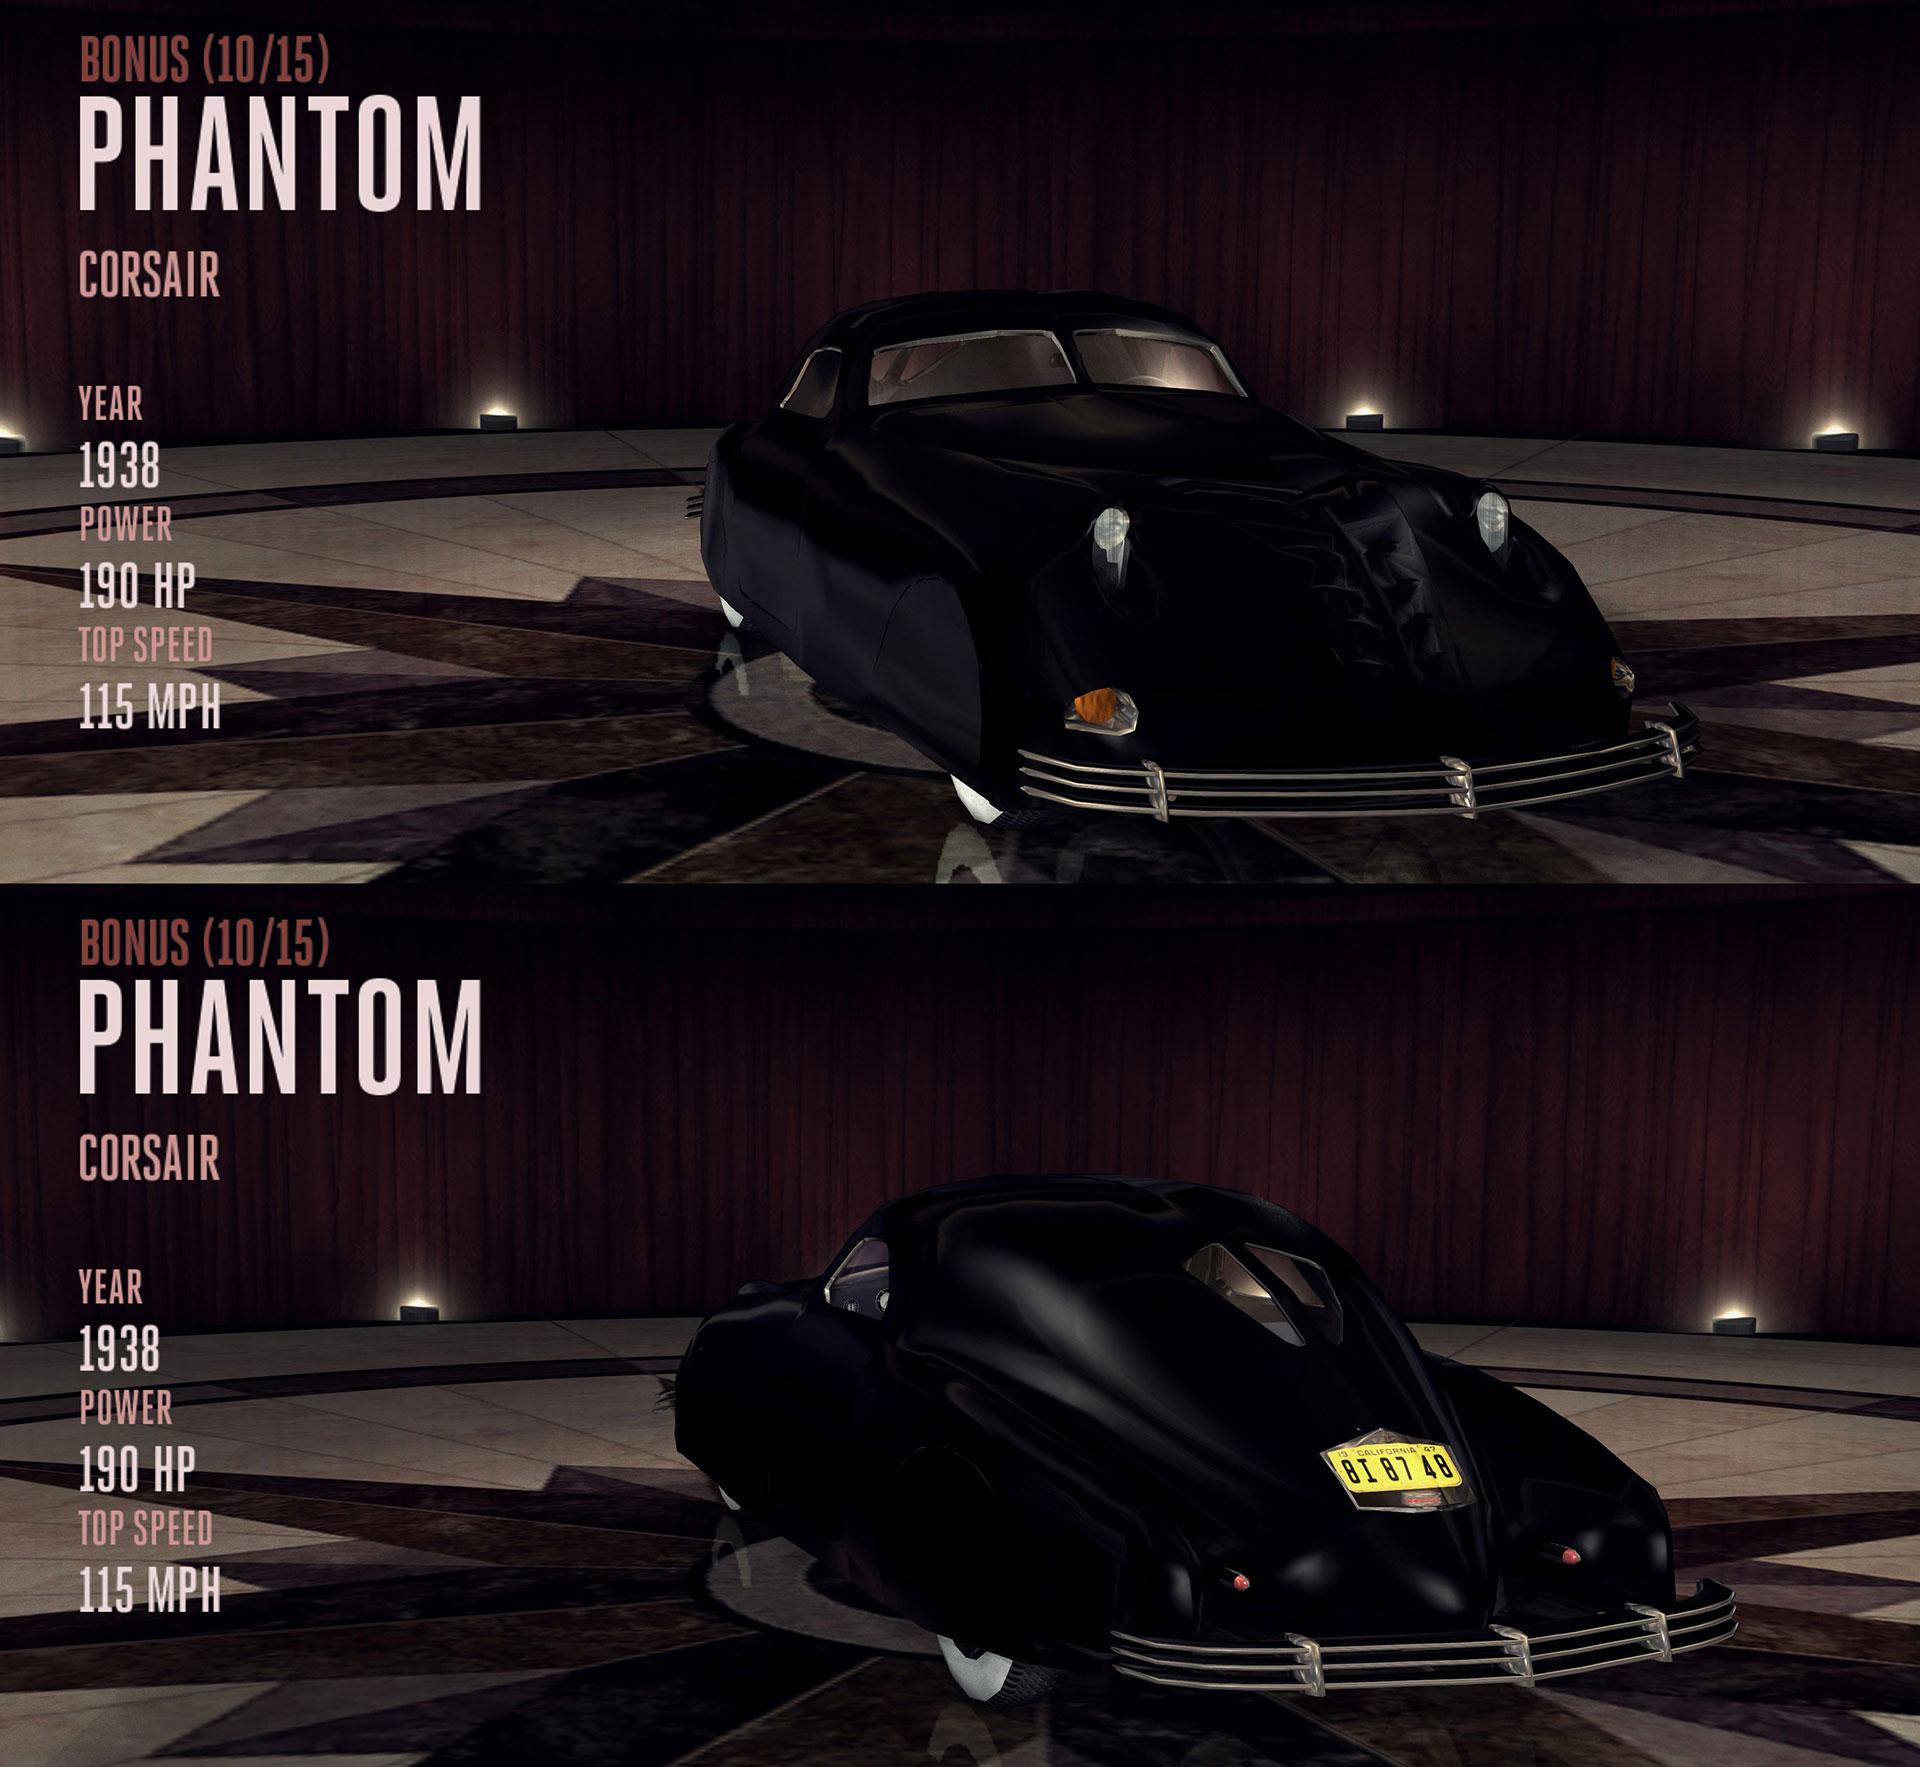 Archivo:1938-phantom-corsair.jpg